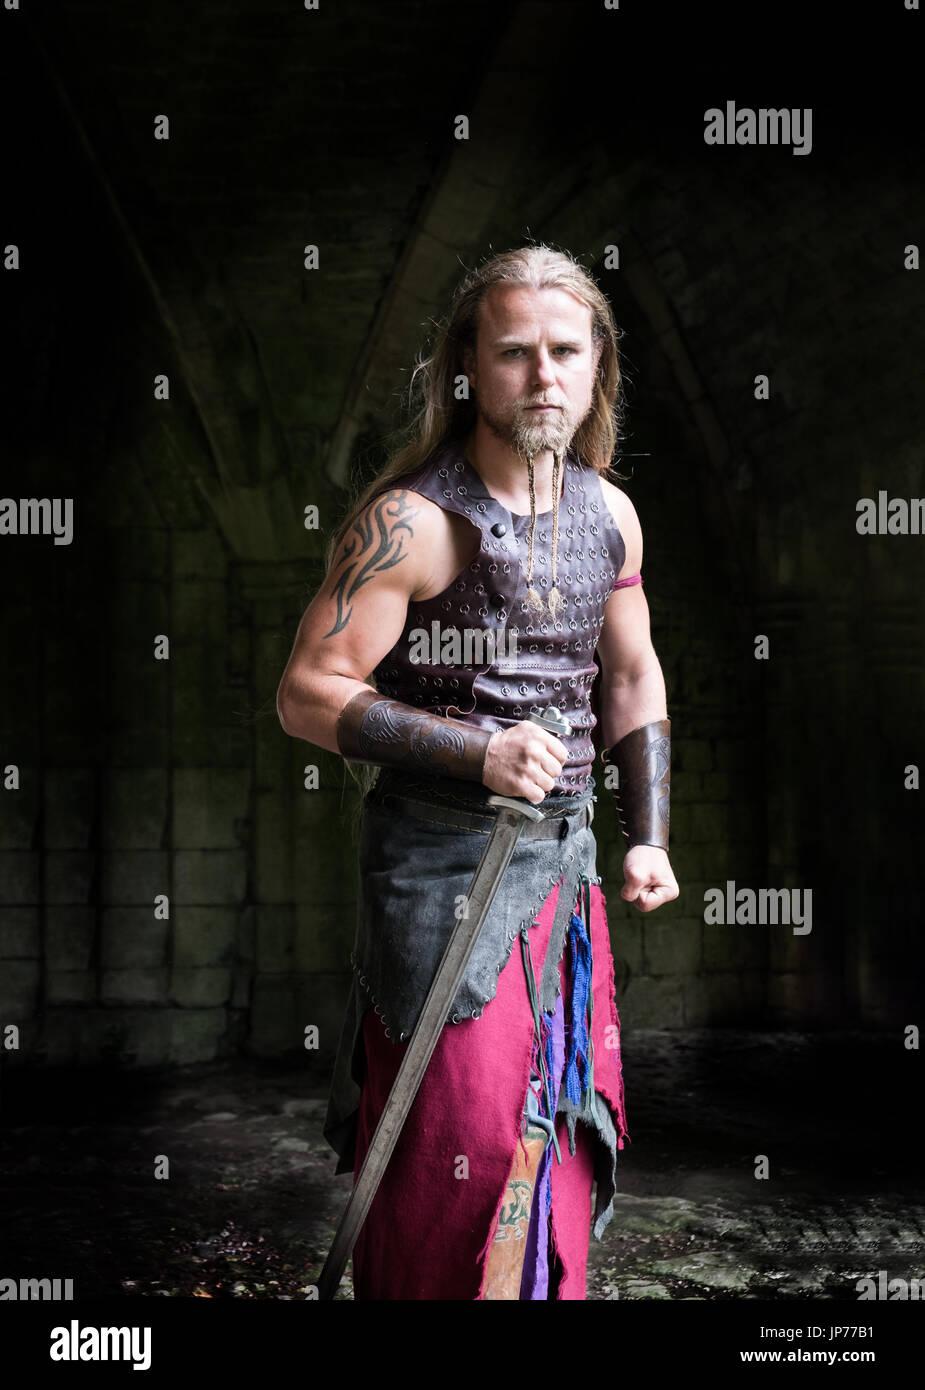 La reconstitution médiévale viking warrior soldat, jeune homme avec de  longs cheveux tressés, barbe et portant des tatouages viking